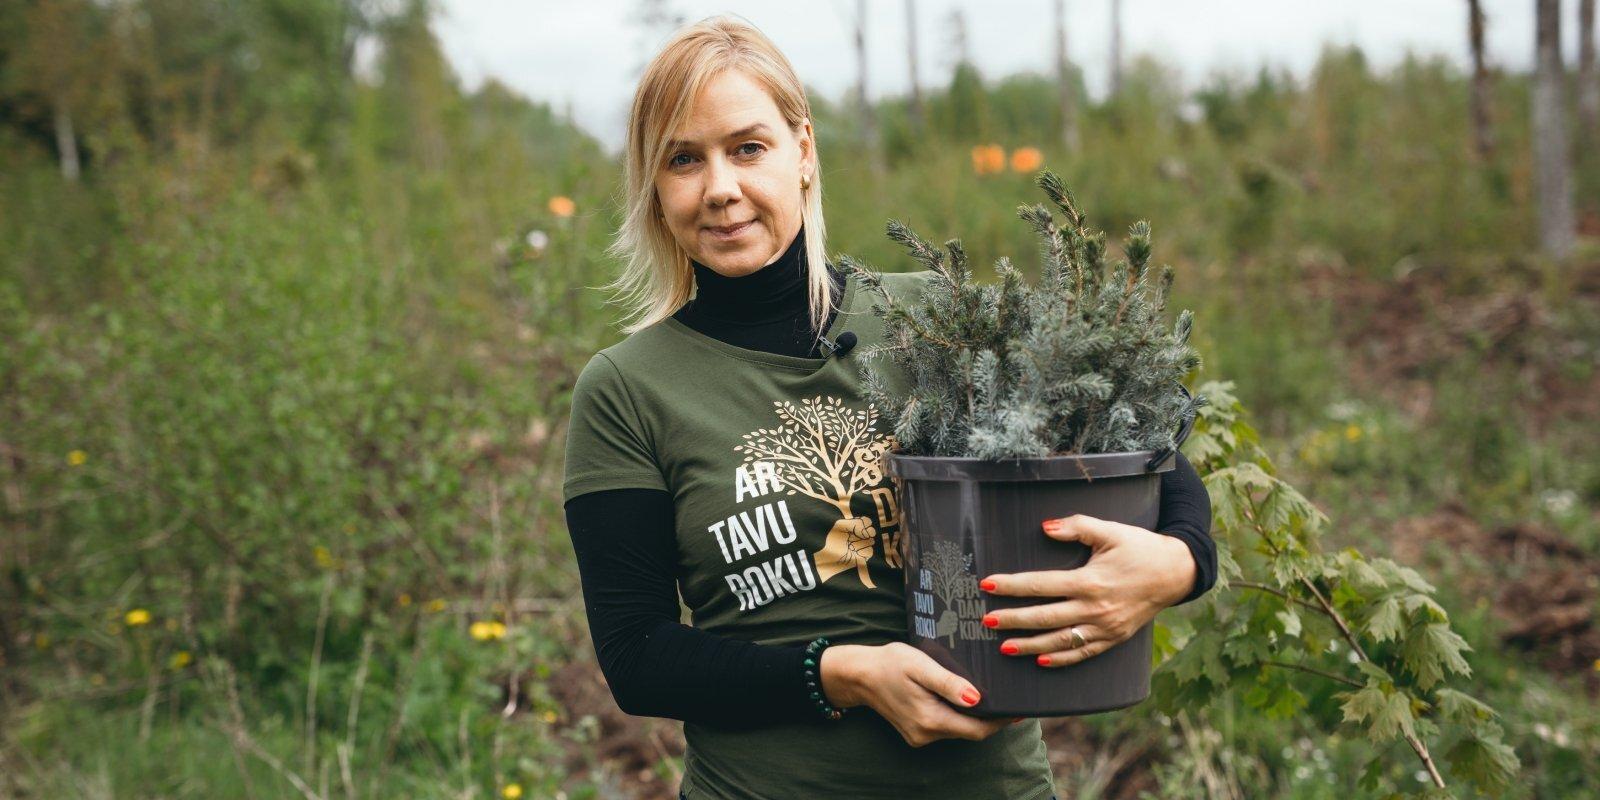 Latvijas alus tirgus ir unikāls: intervija ar 'Cēsu alus' vadītāju Evu Sietiņsoni